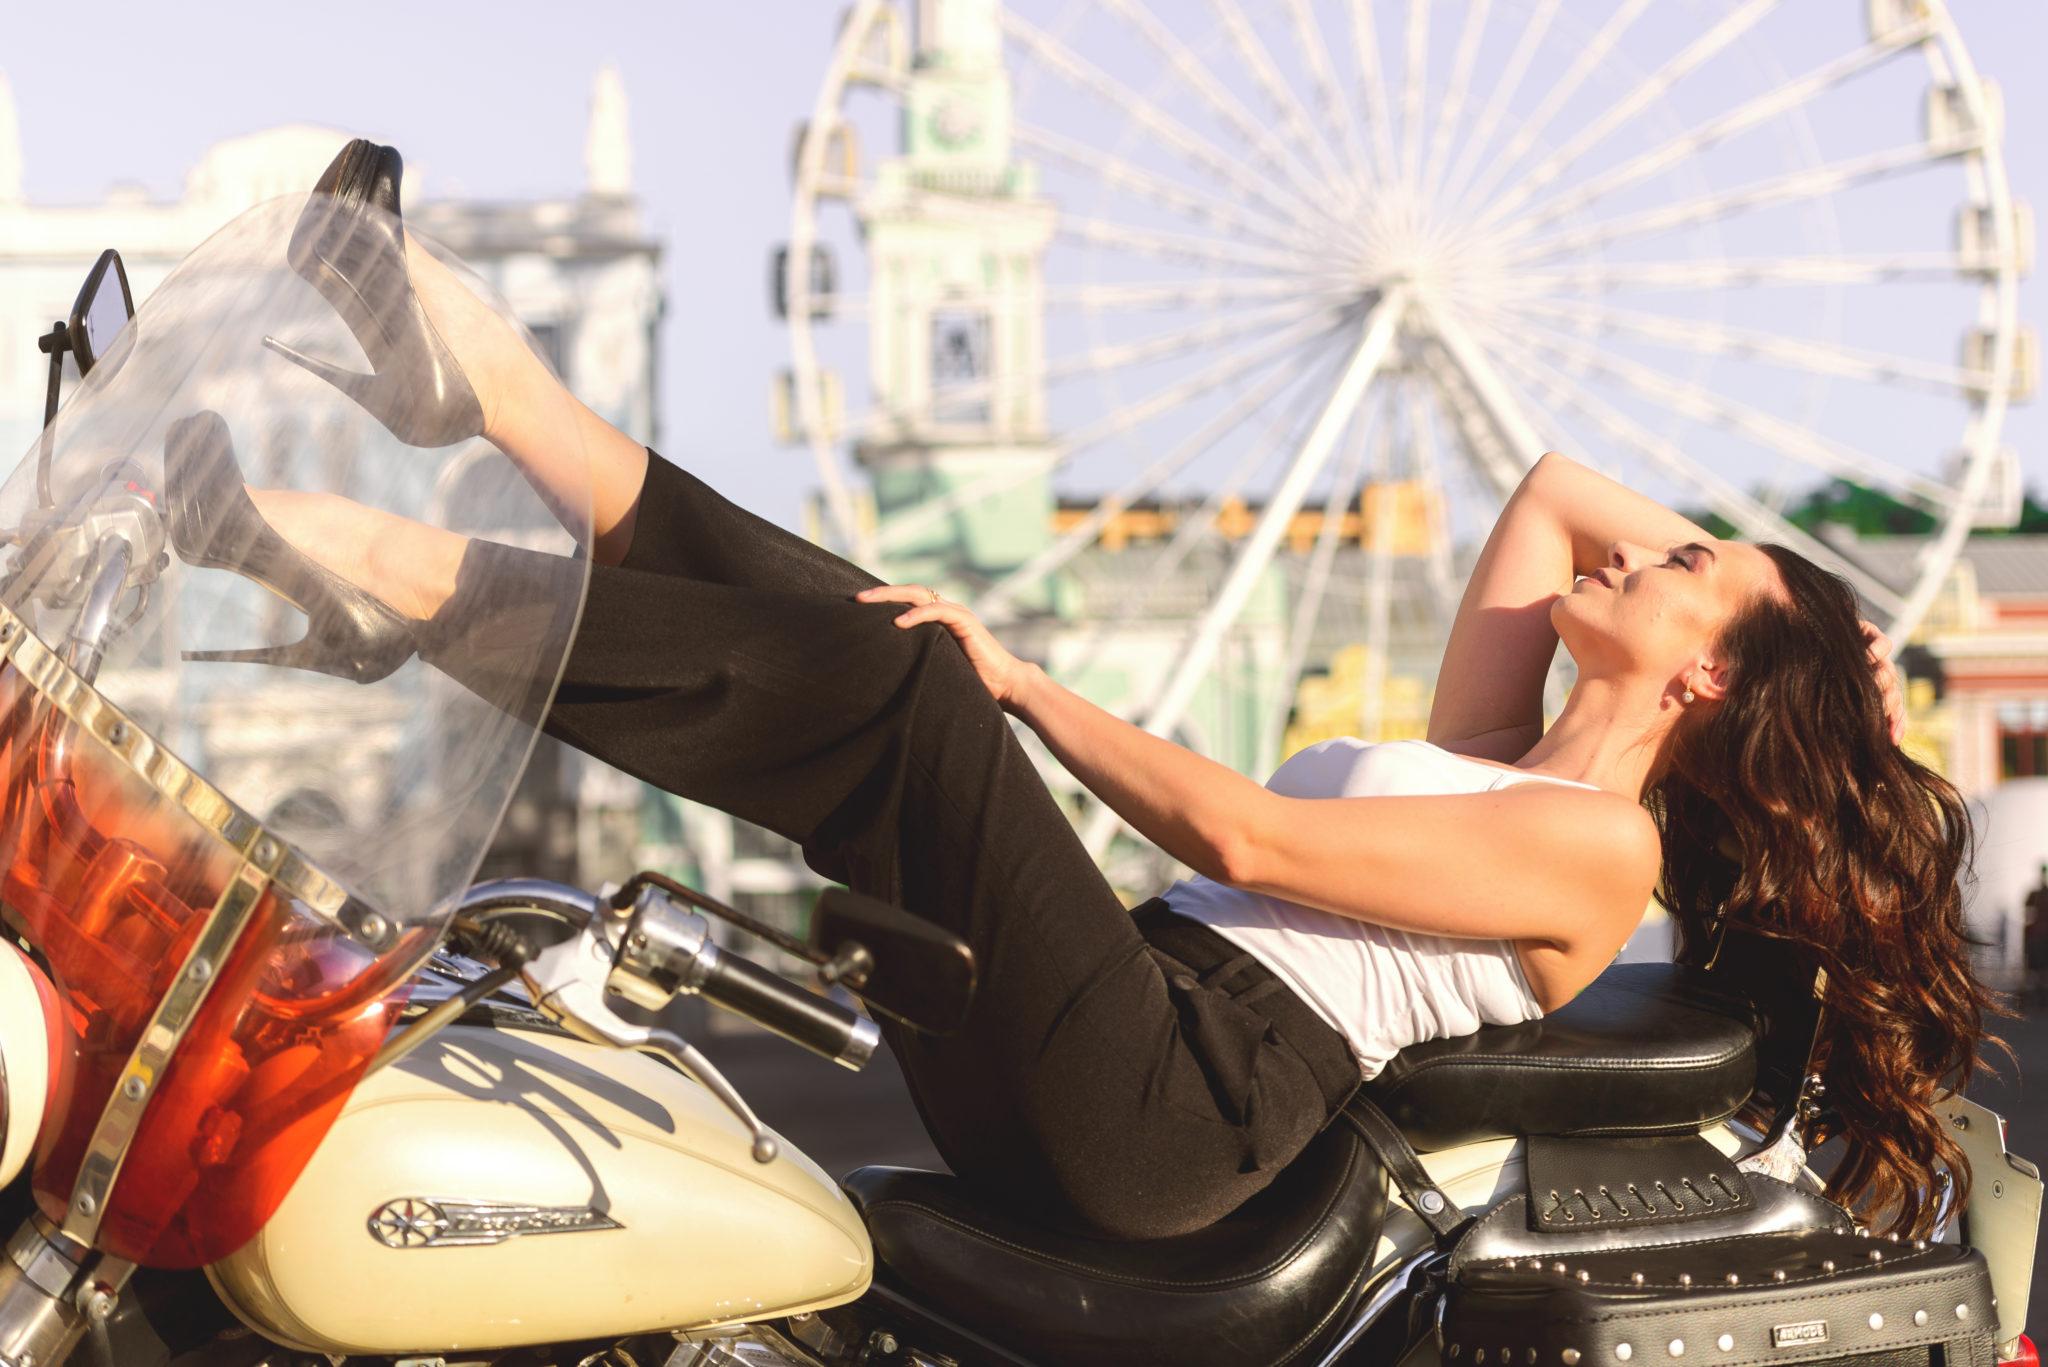 Фотосессия с байком, Контрактовая площадь, фотограф Постникова, модель Дарья